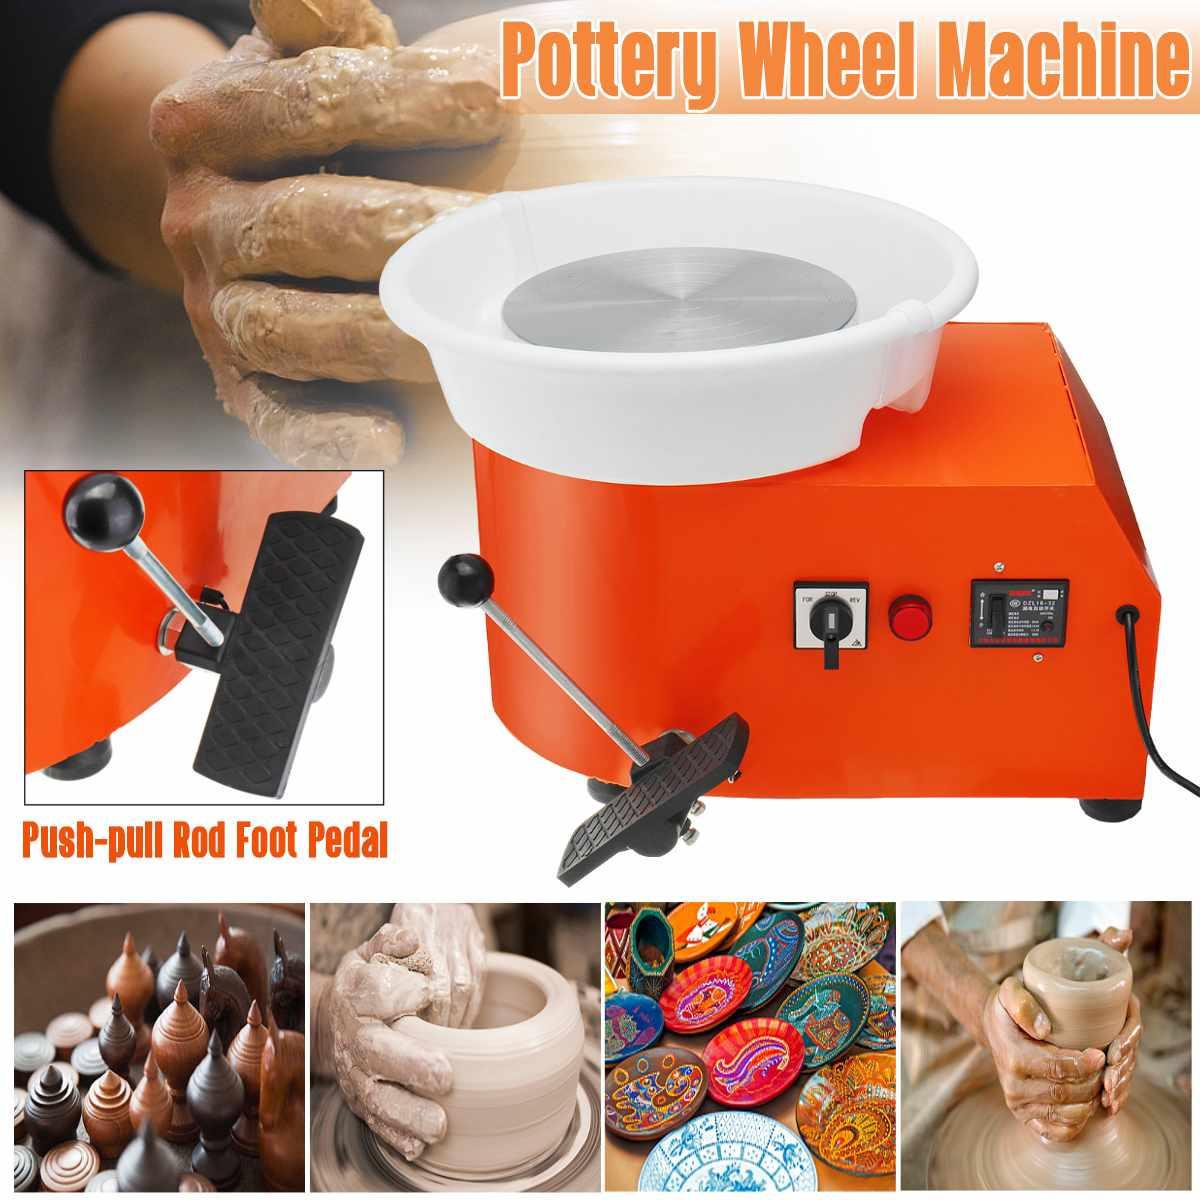 110/220 V 350 W poterie roue détachable Machine en céramique travail argile artisanat Art pied pédale US/AU/EU Plug Flexible détachable lisse - 2